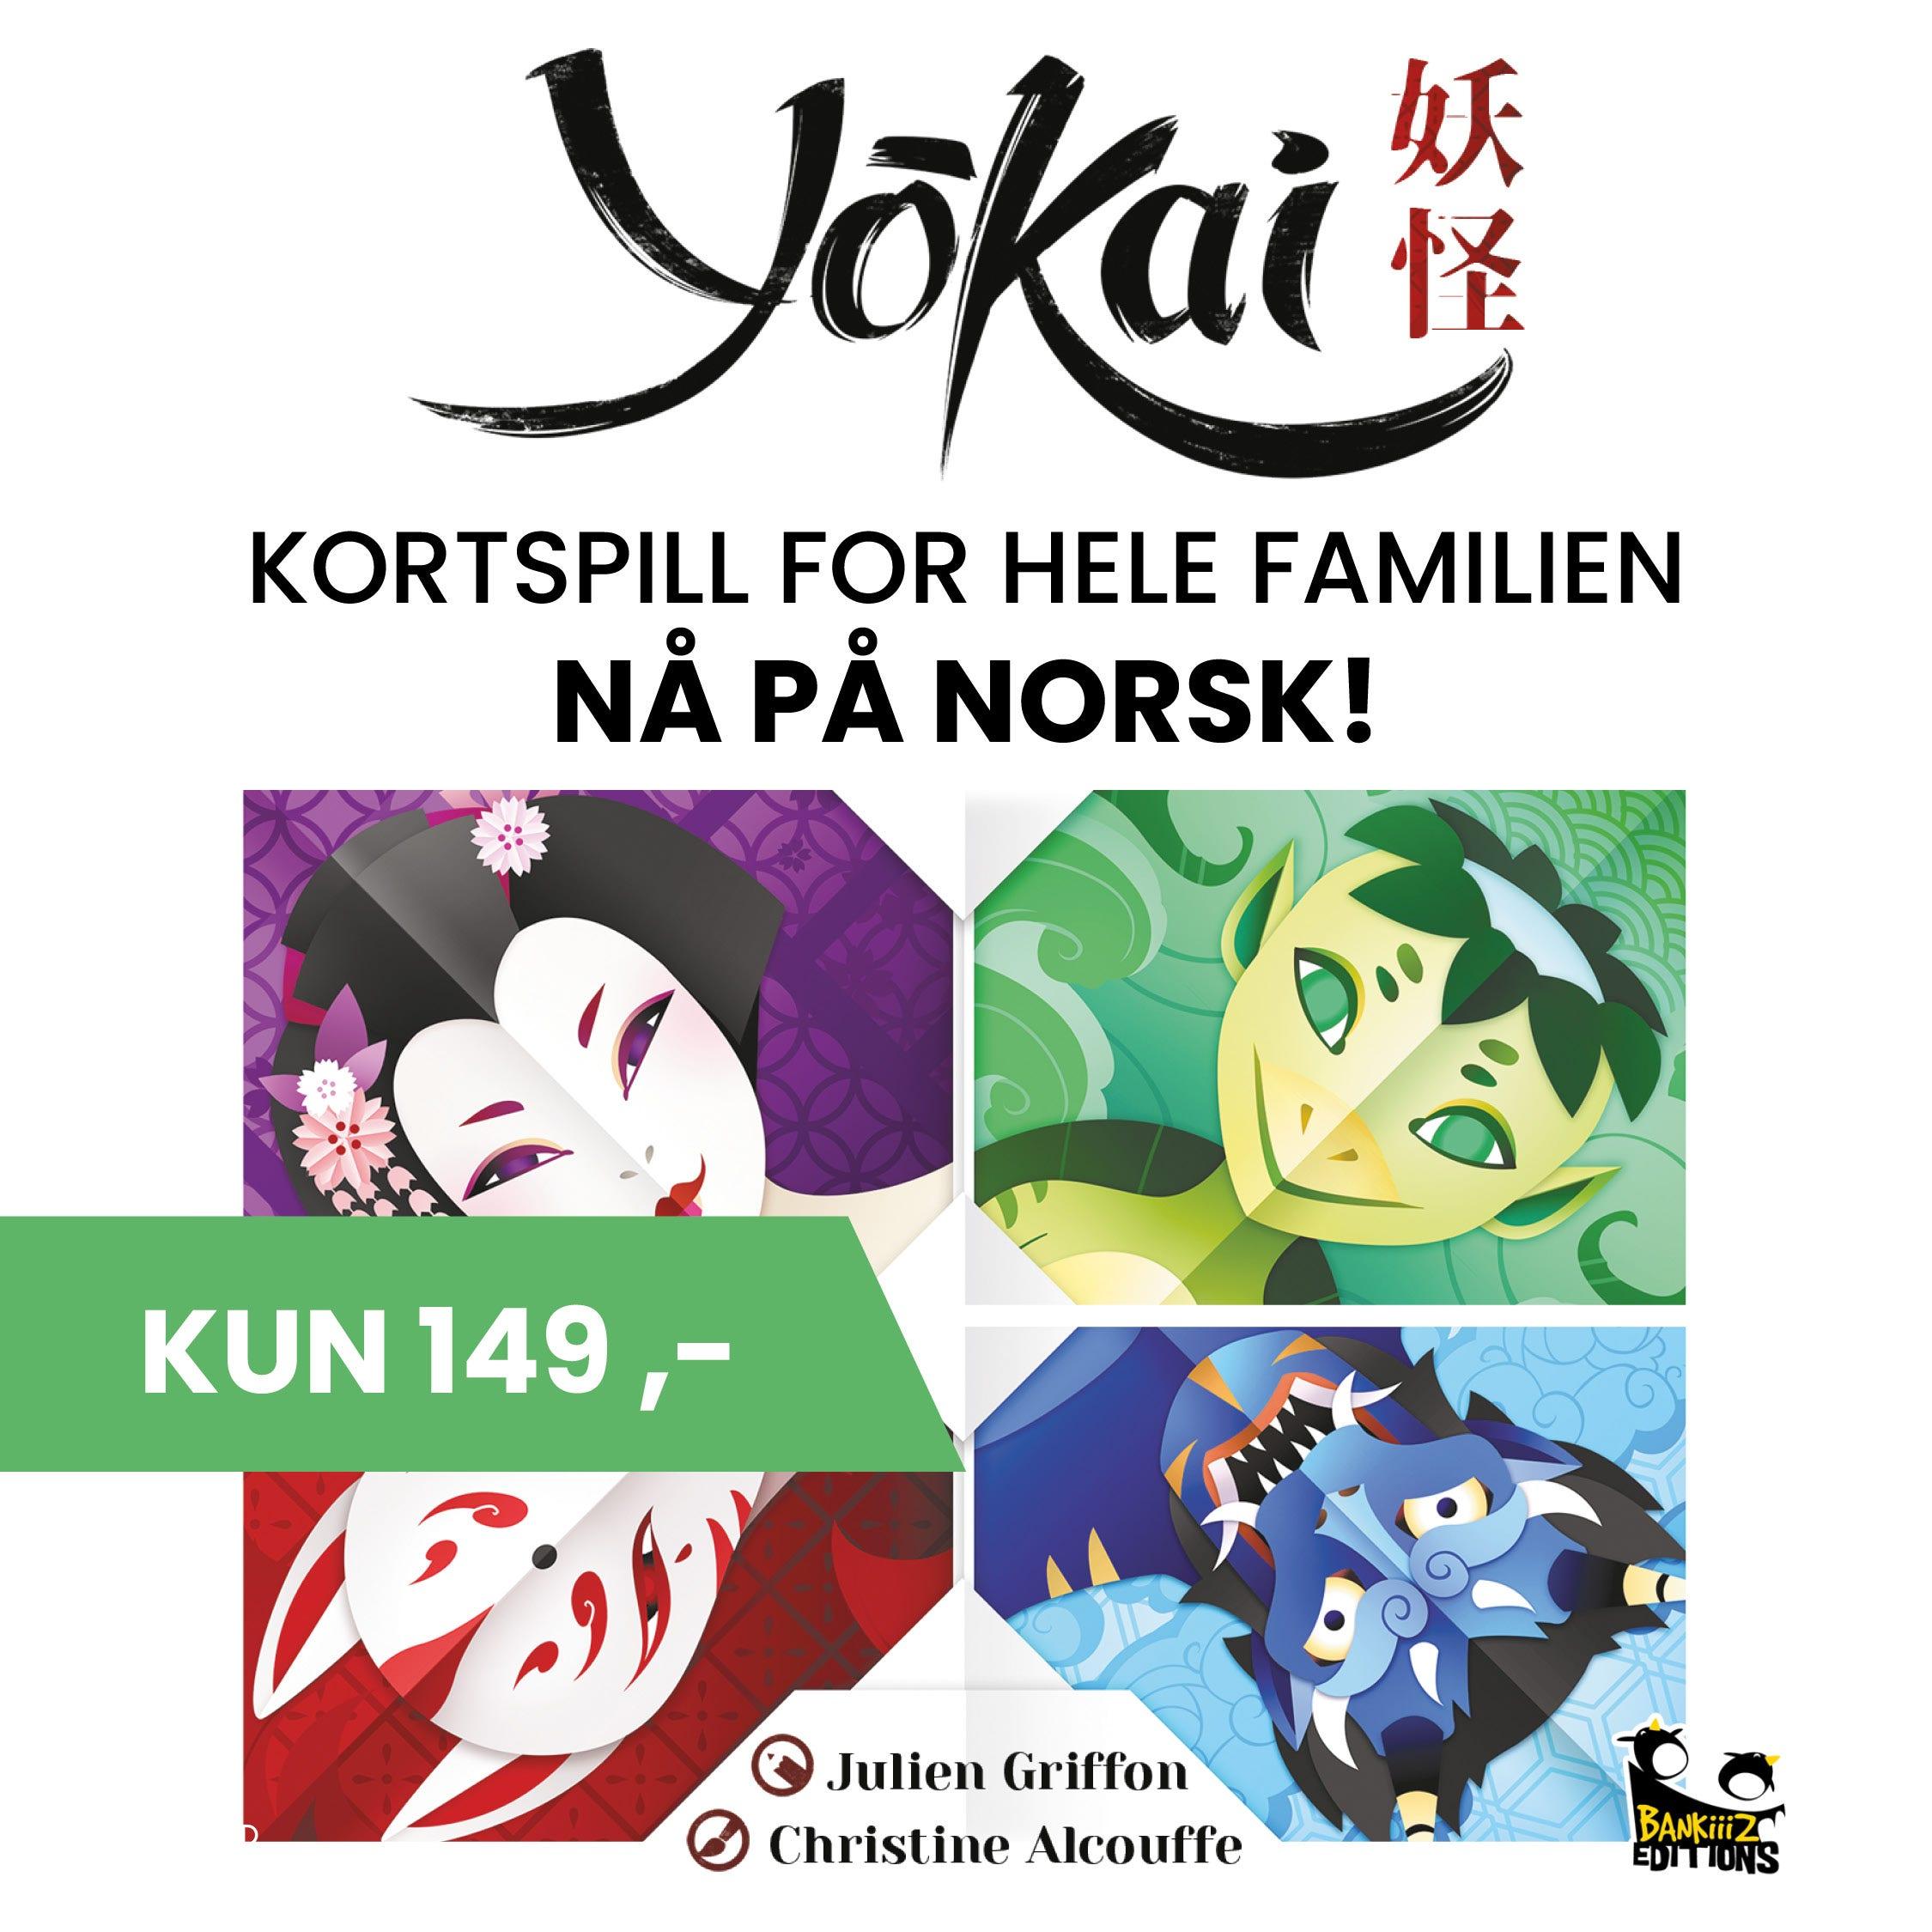 Yōkai - et Japansk-inspirert brettspill for hele familien!